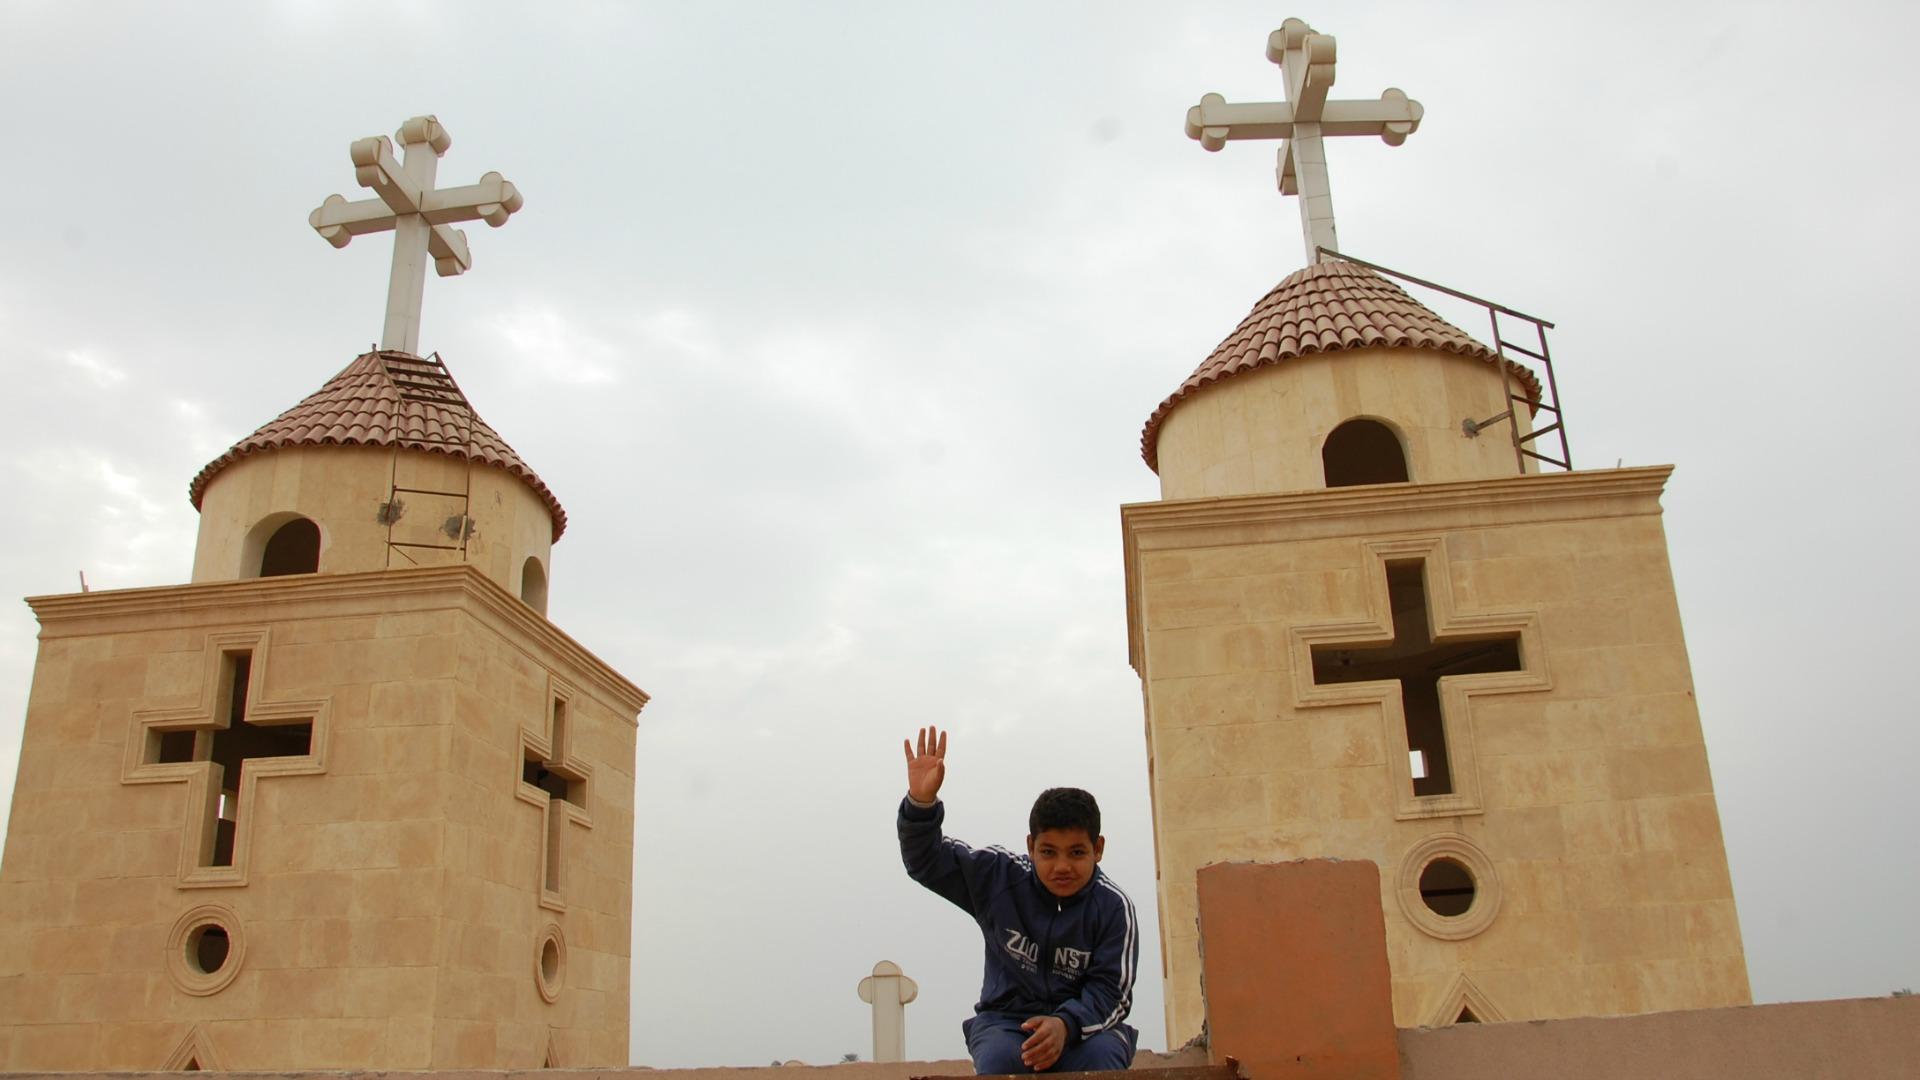 En Egypte, une église financée grâce aux dons de la communauté musulmane